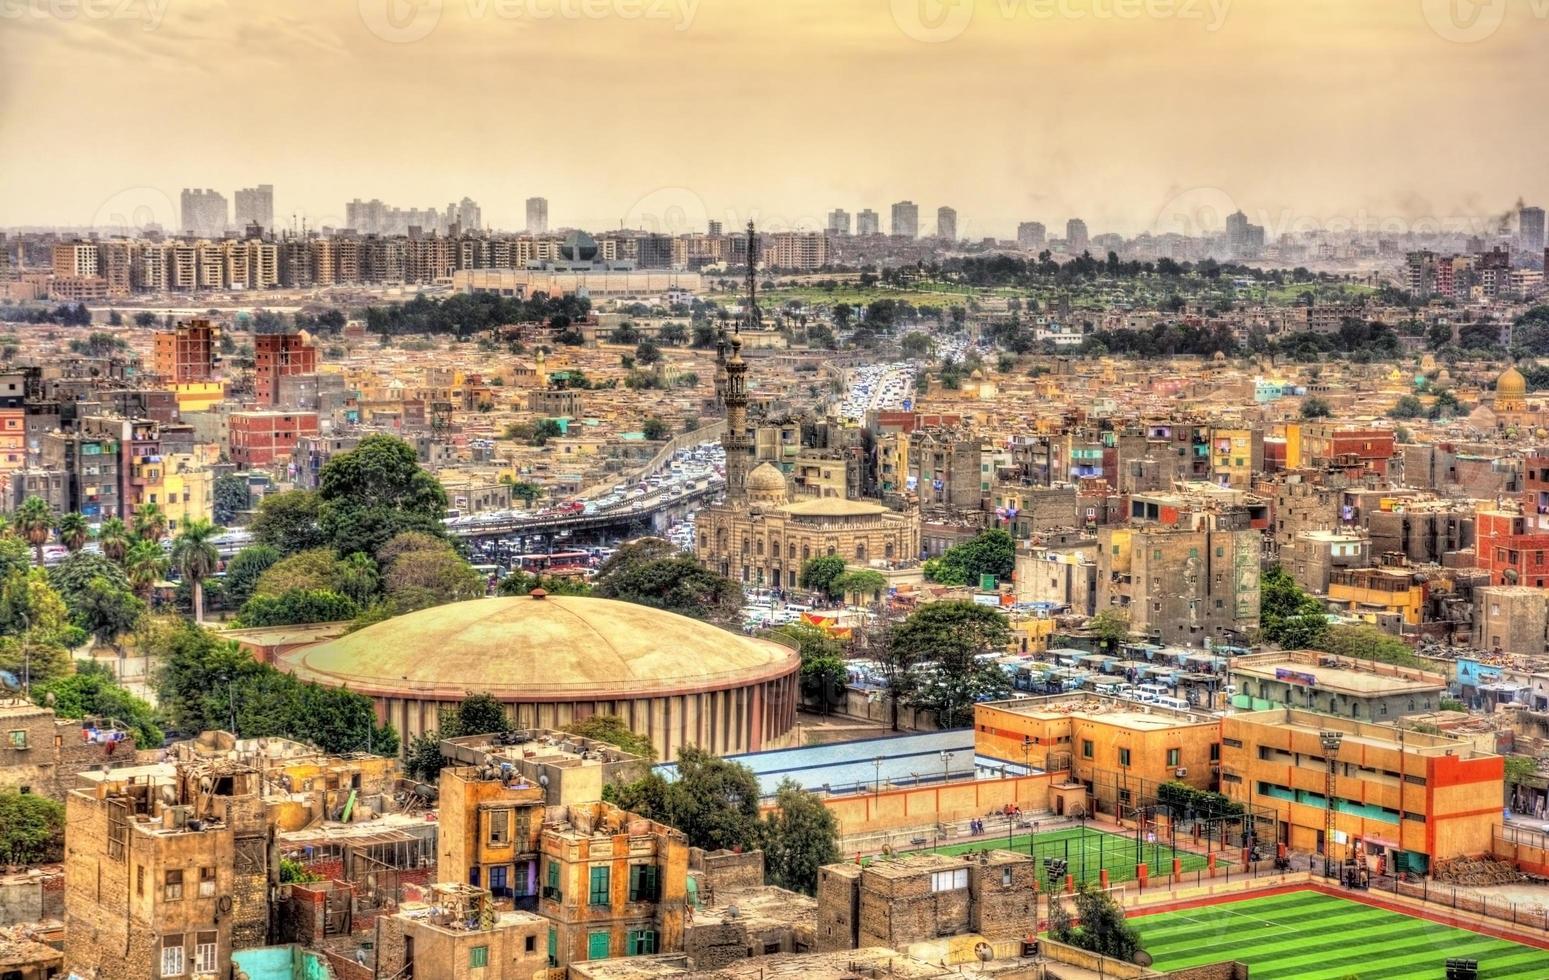 Blick auf Kairo von der Zitadelle - Ägypten foto